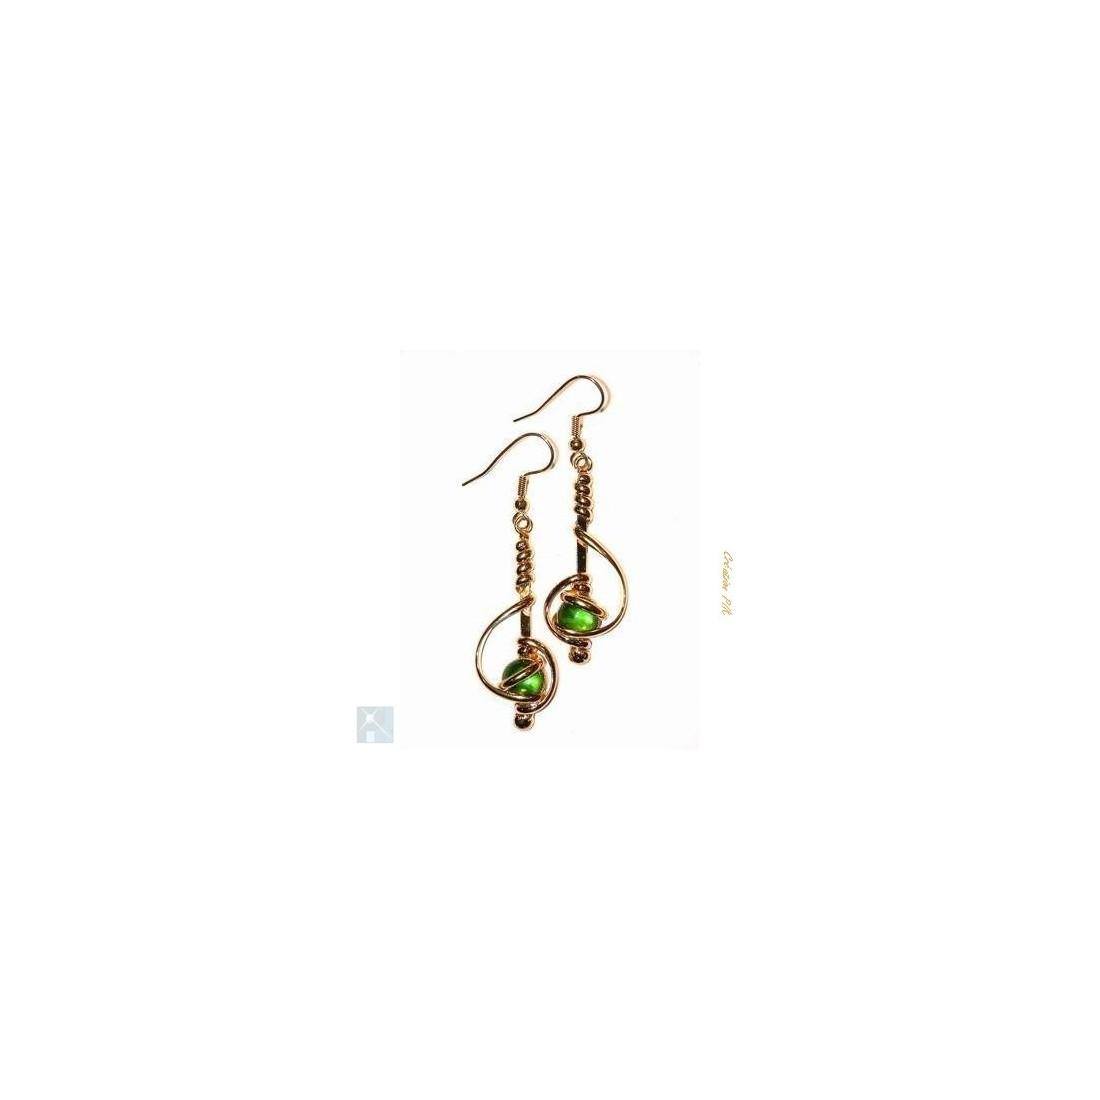 Boucles d'oreilles fantaisie en fil-vert pâle.